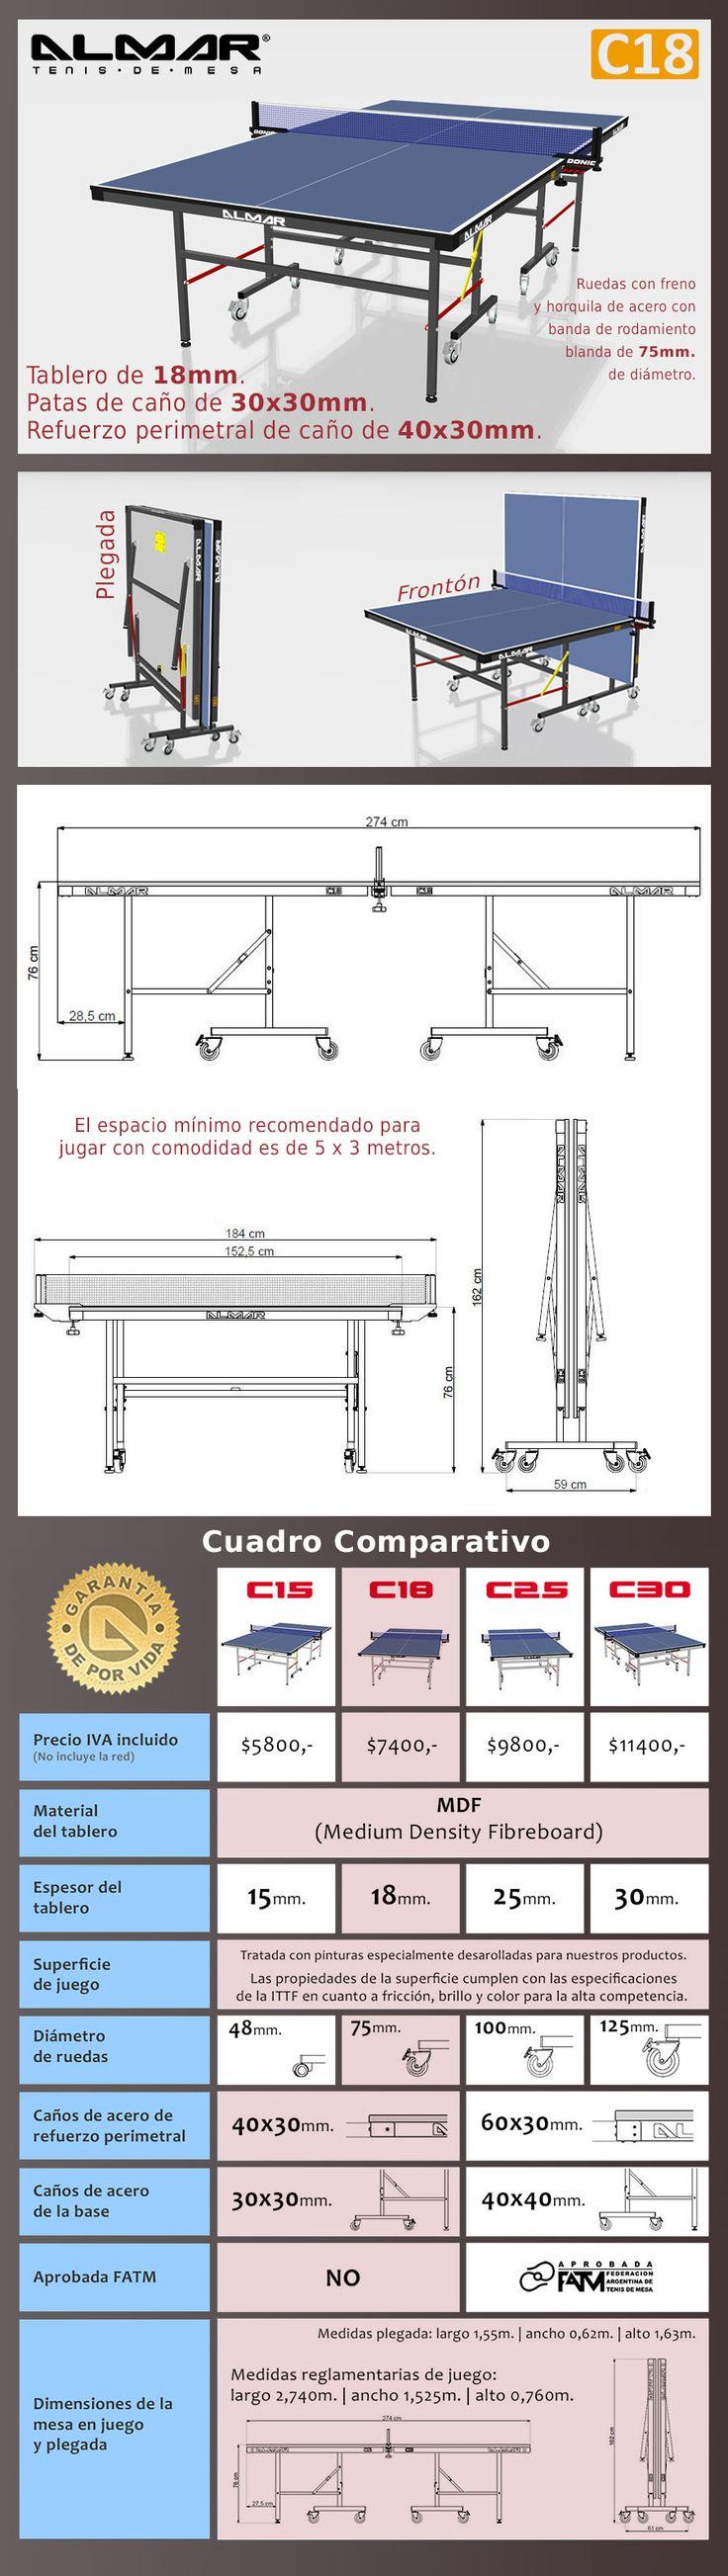 Mesa De Ping Pong Almar C18 - Directo De Fábrica - $ 7.400,00 en Mercado Libre